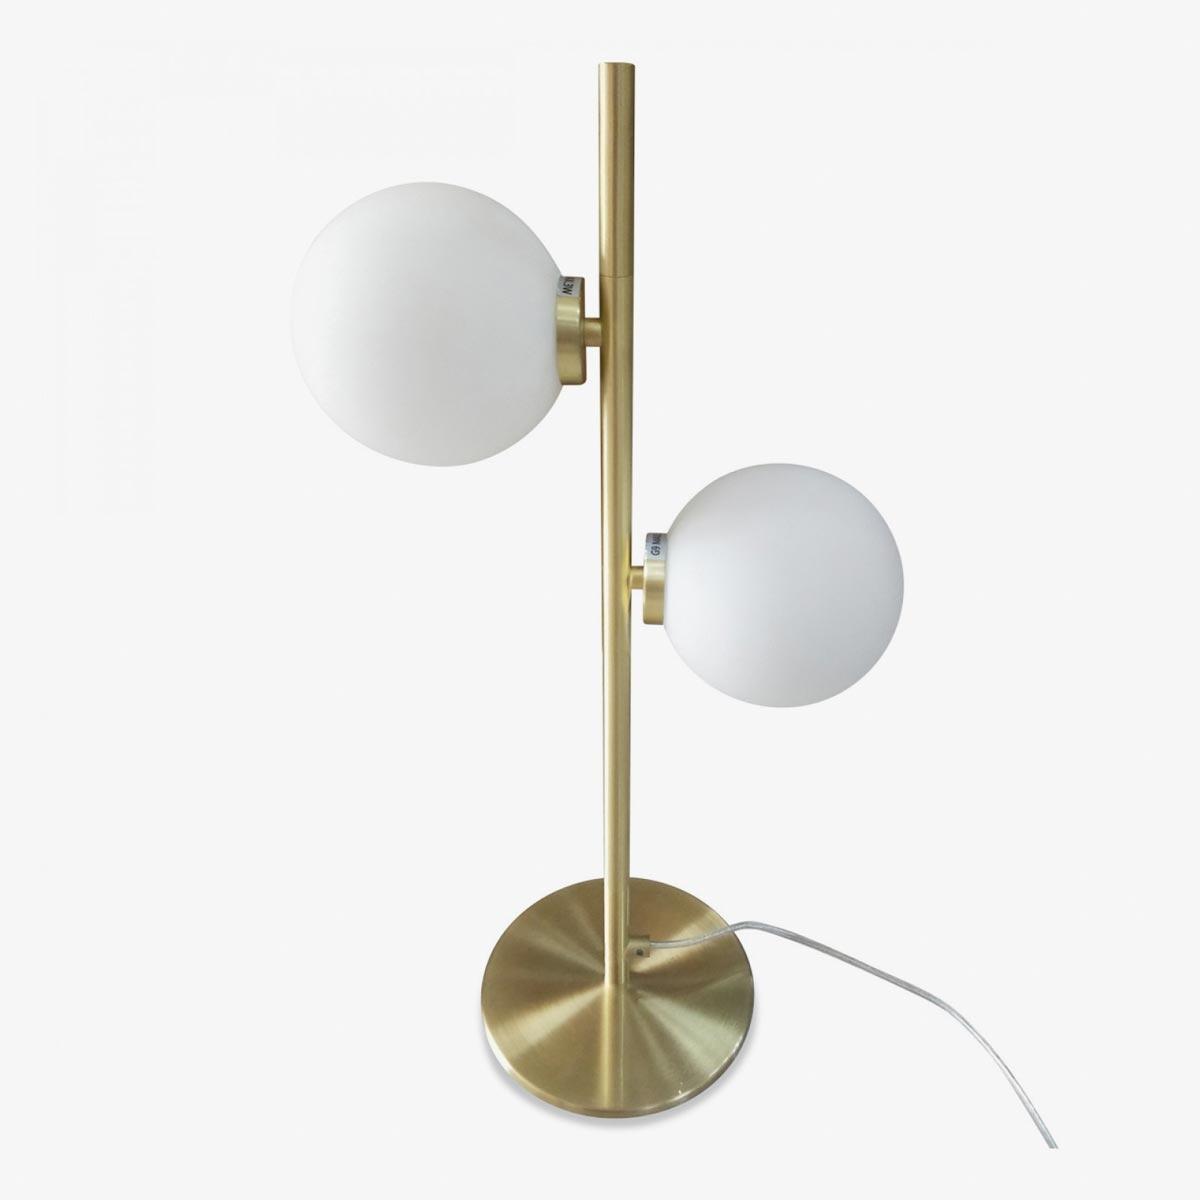 Lámpara sobremesa dos esferas de vidrio blancas y pie dorado